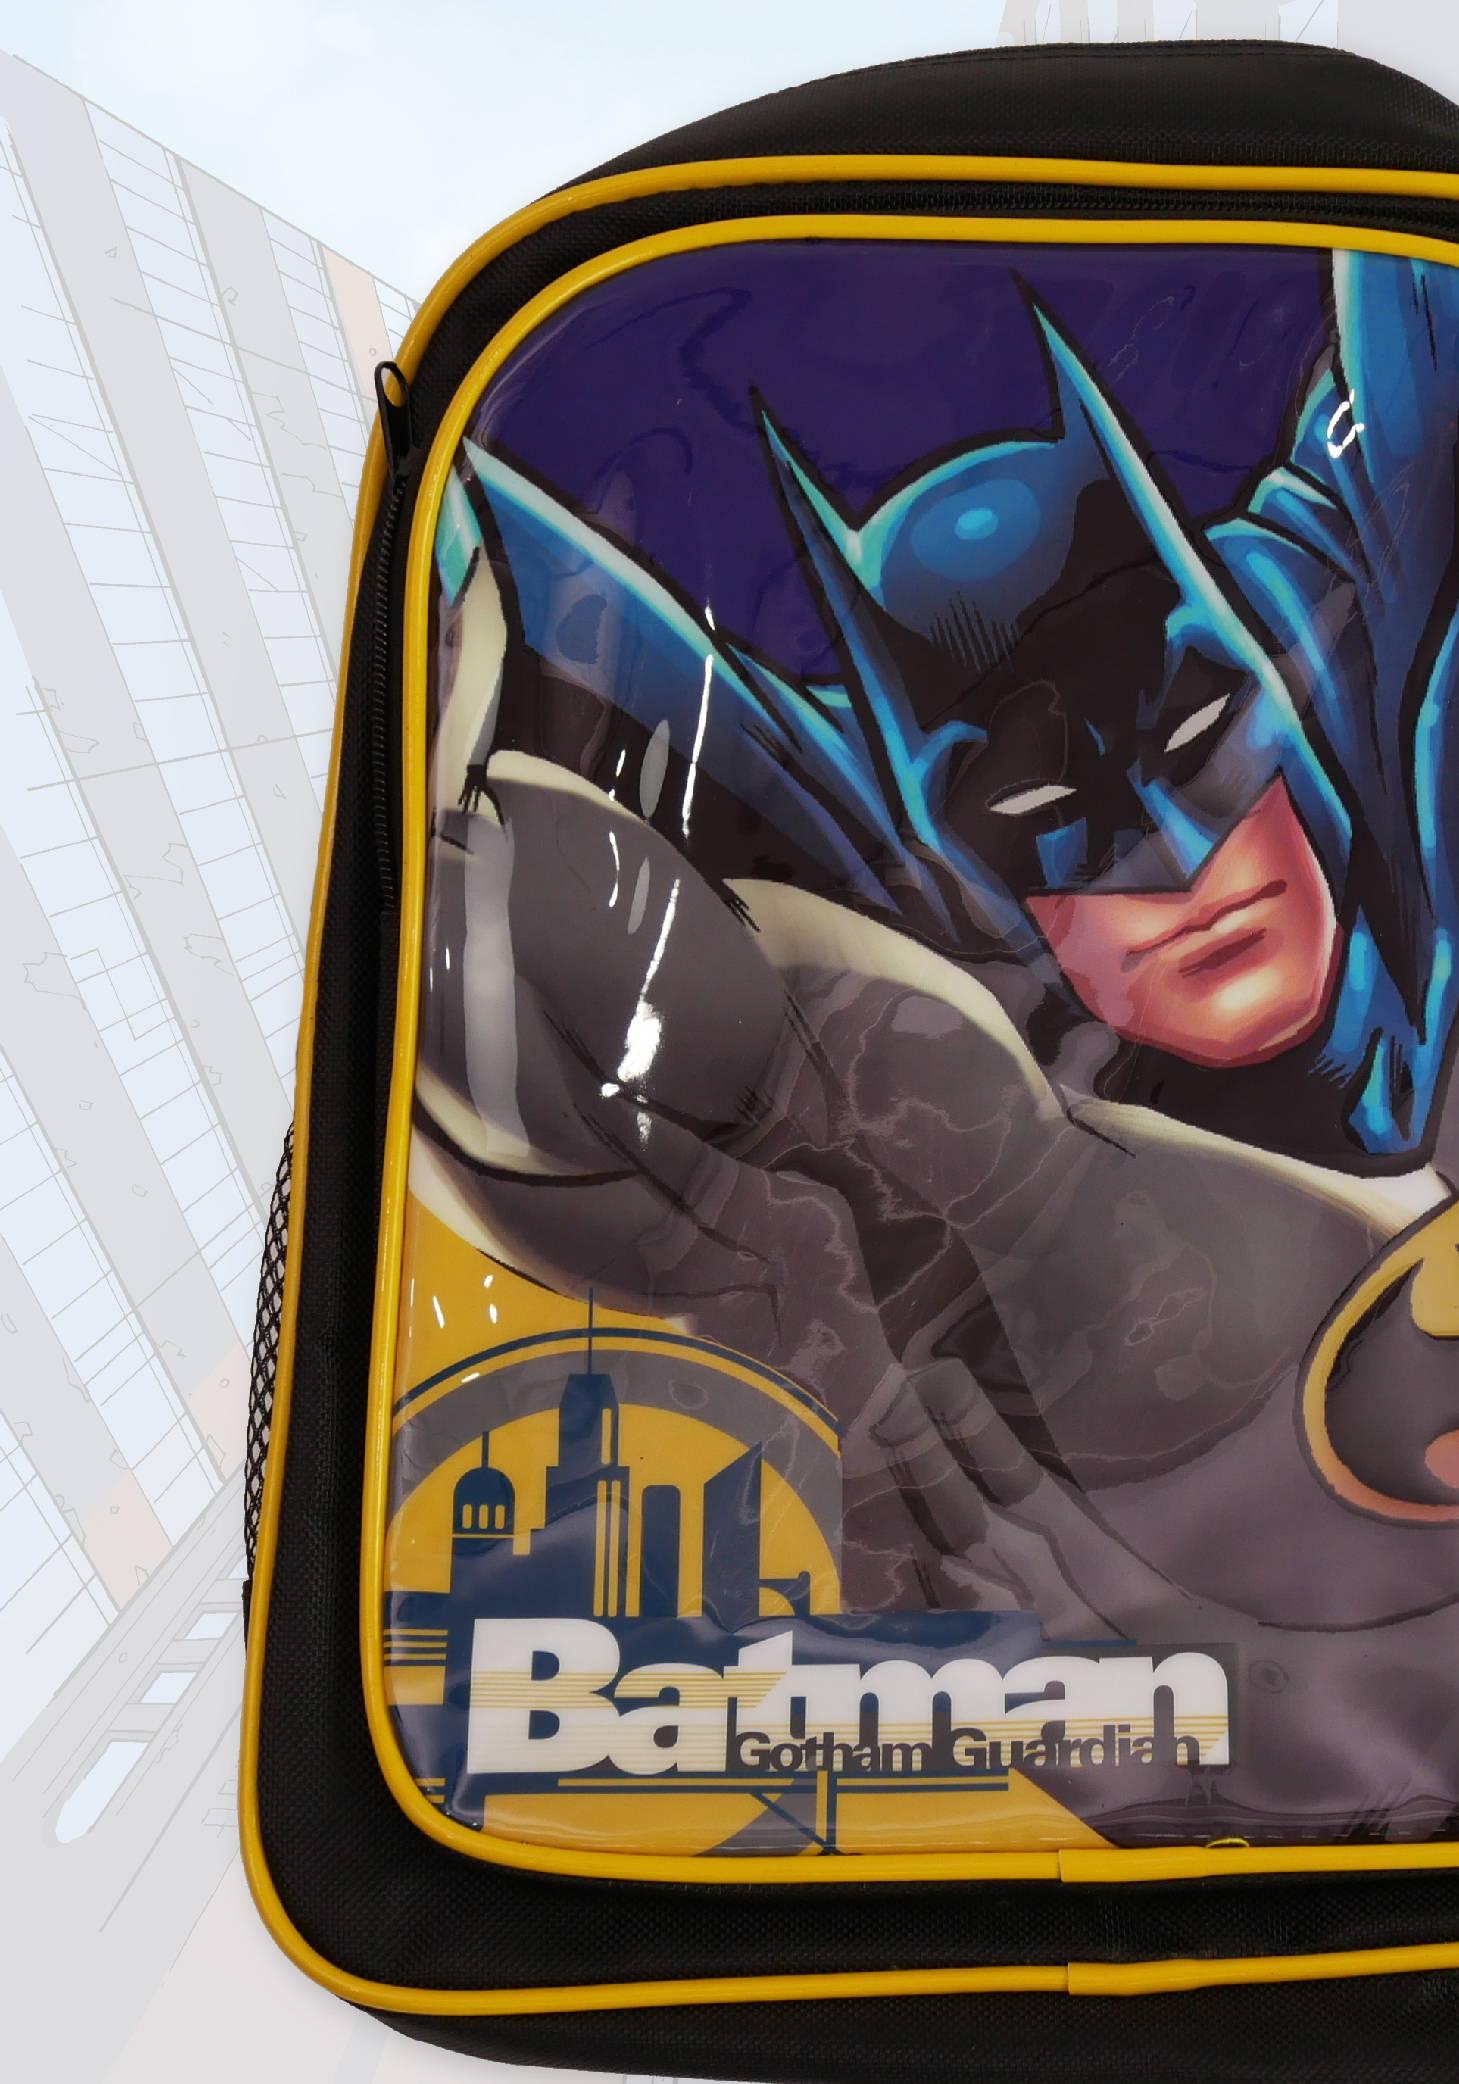 กระเป๋าเด็กจัสติสลัก justice league boy bags